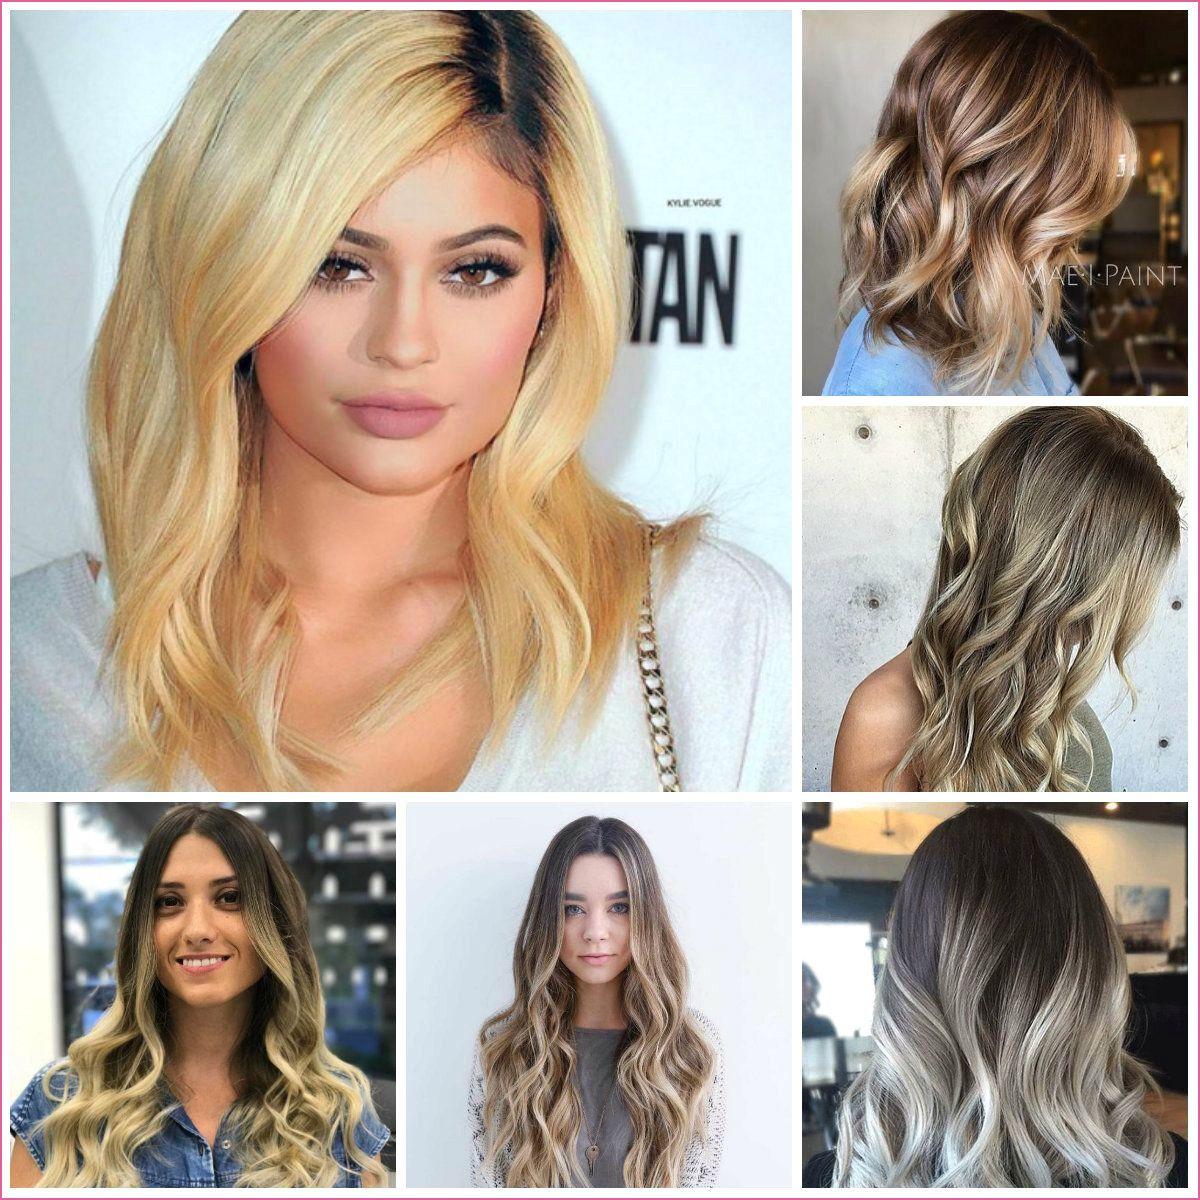 Haarfarben Online Ausprobieren, Haarfarben Online Ausprobieren